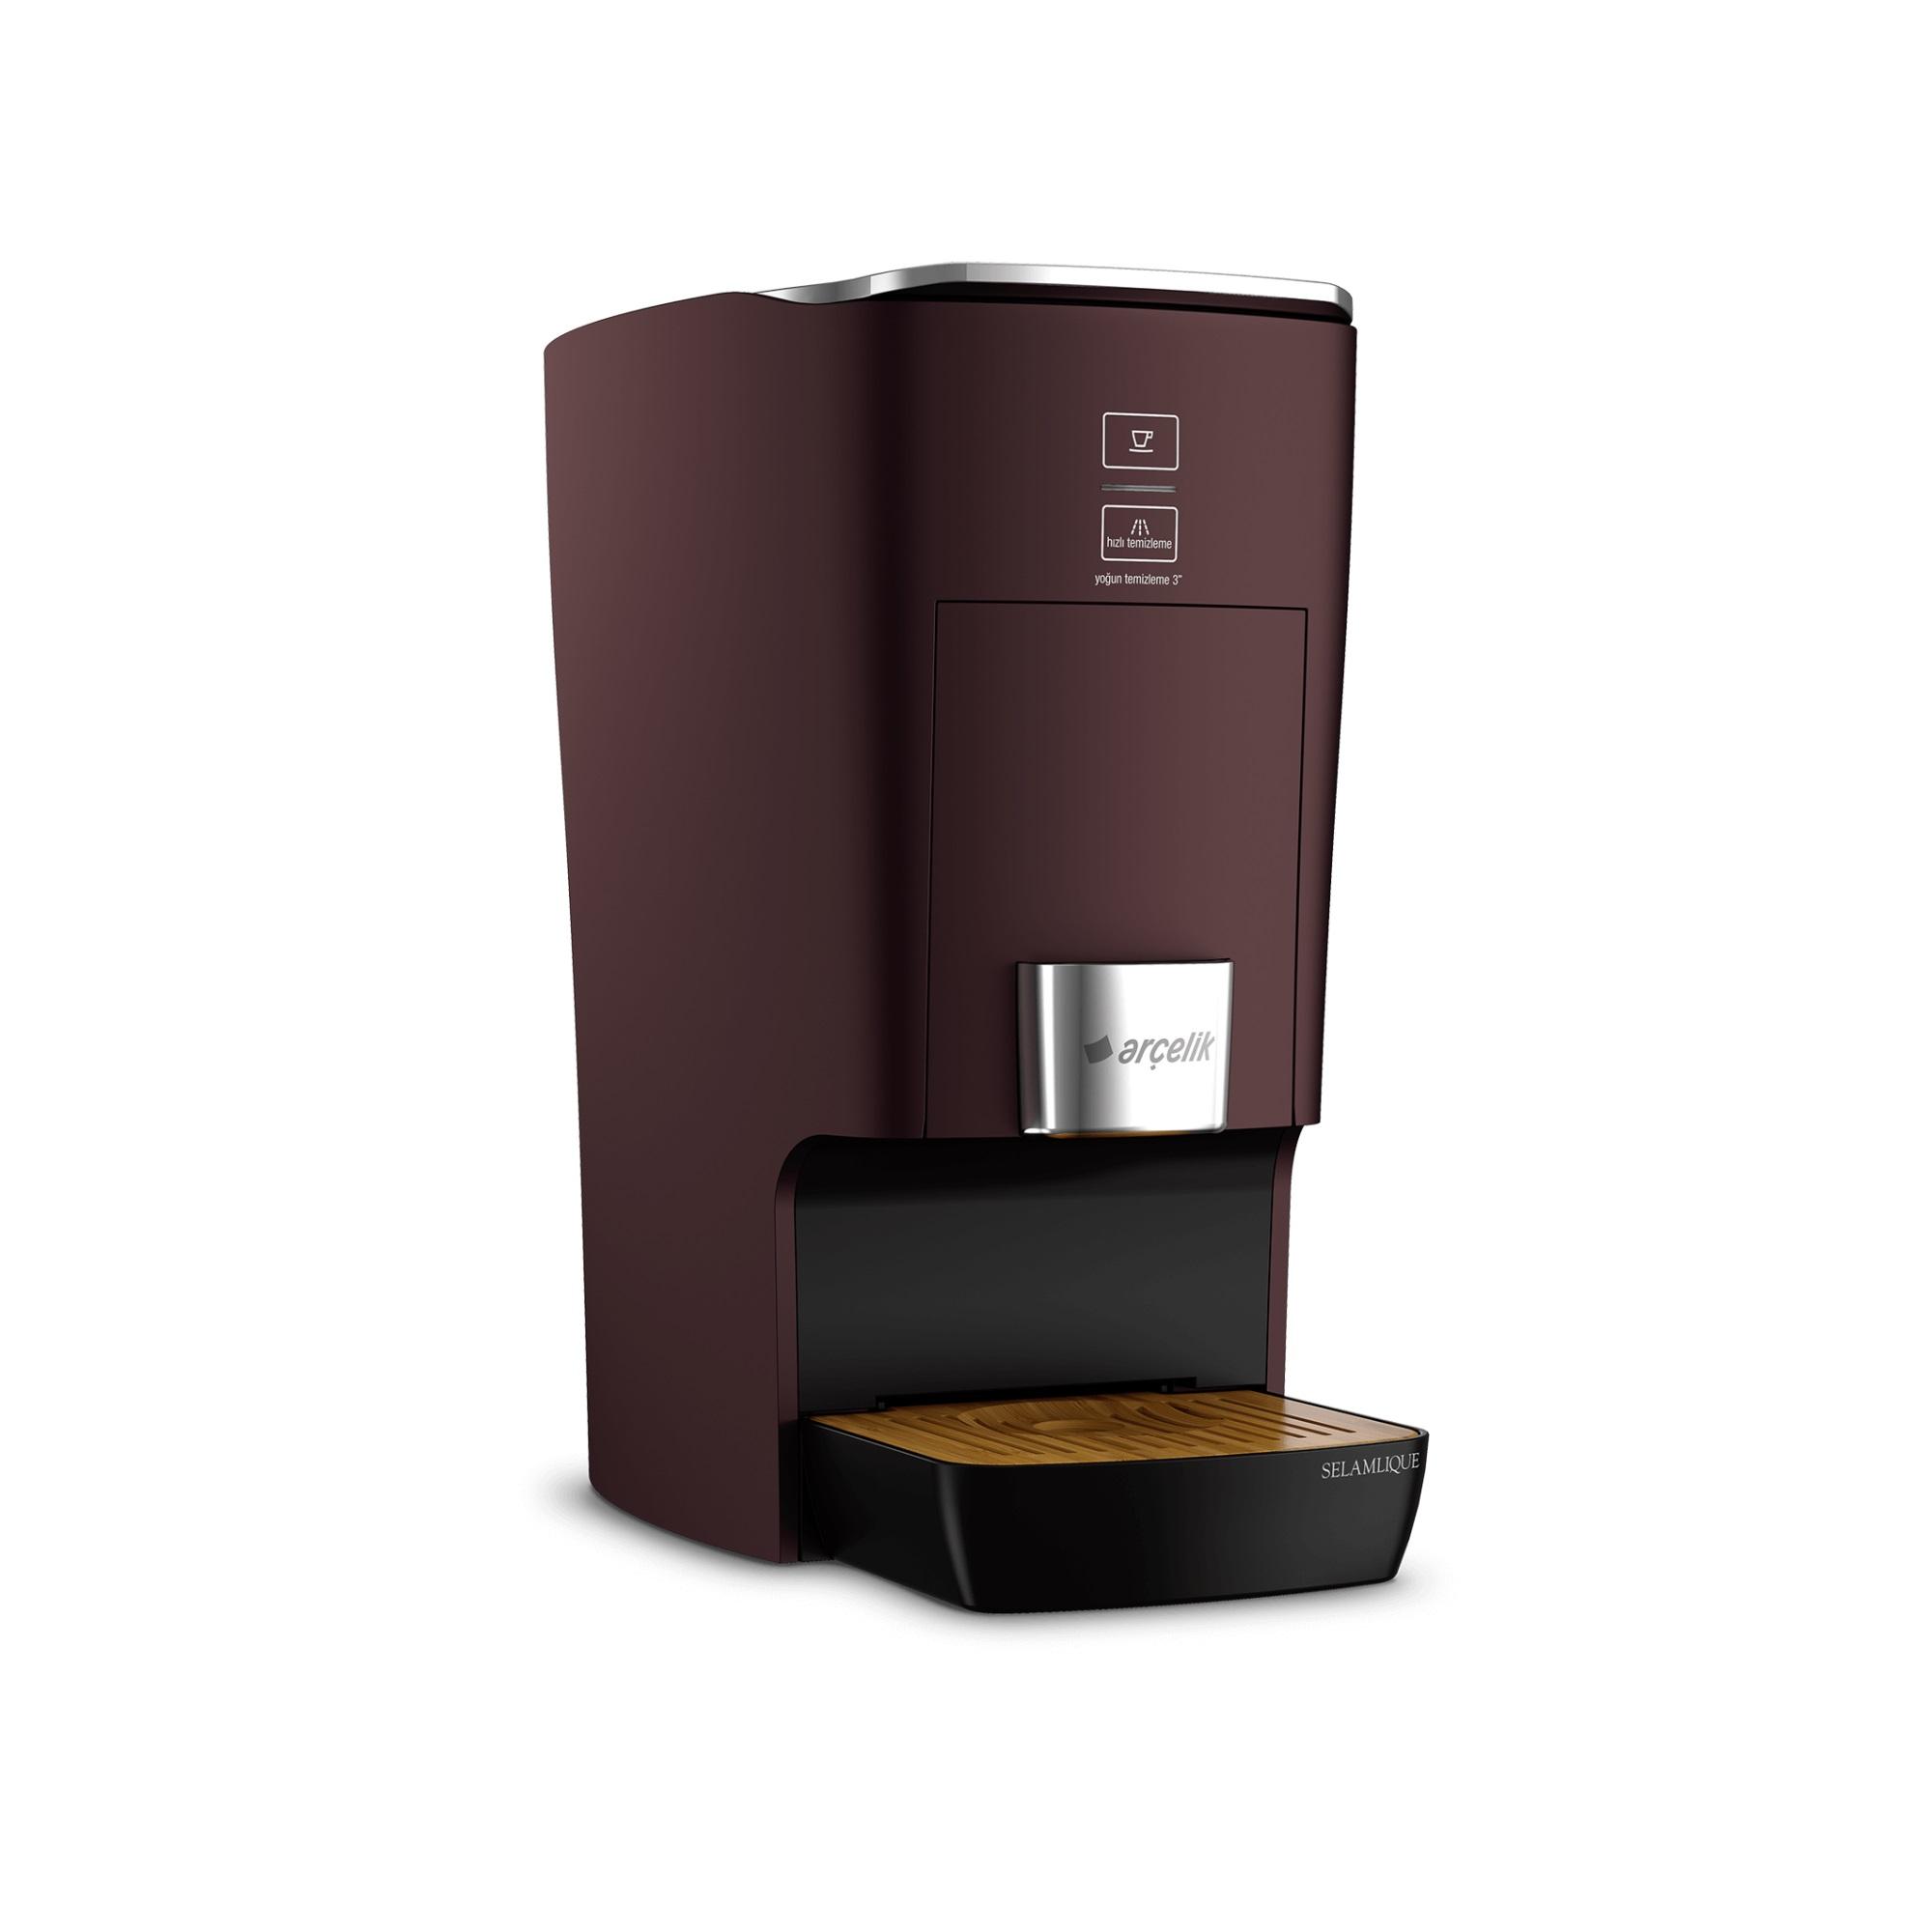 Arçelik K 3500 Selamlique Kapsüllü Türk Kahvesi Makinesi